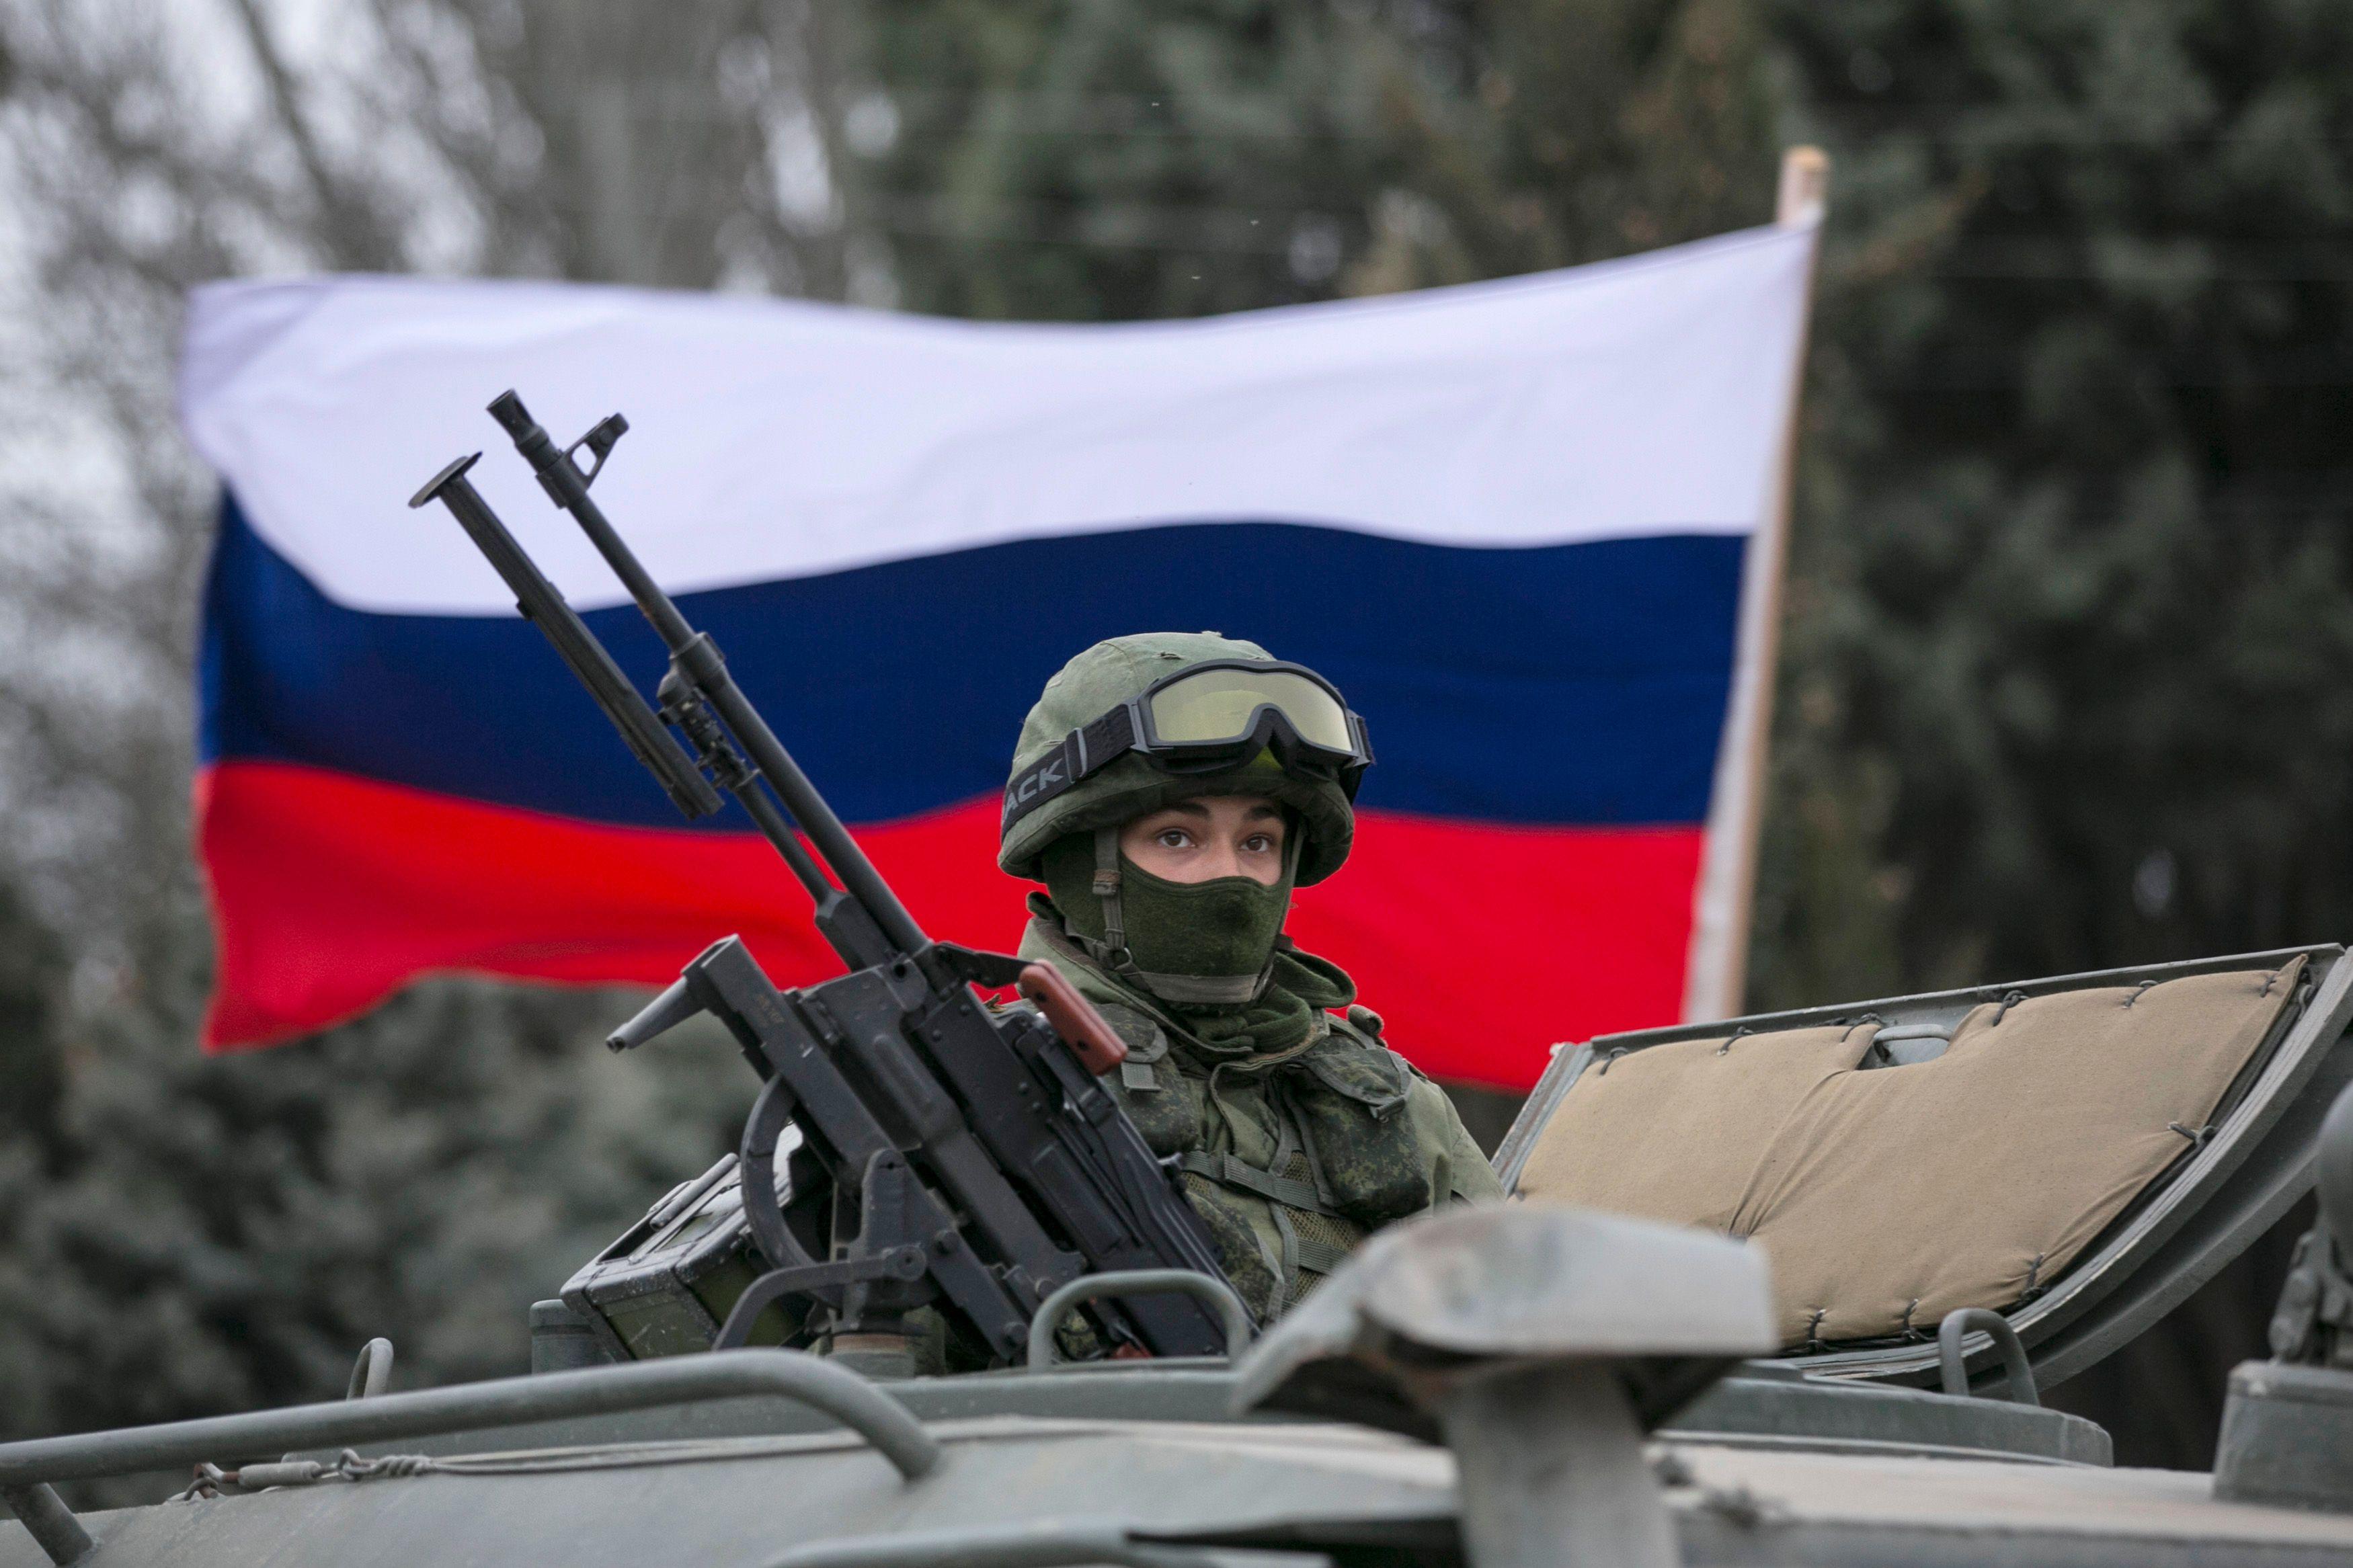 La Russie et l'Ouest sont engagés dans un conflit où tout est à perdre mais qui risque de profiter à la Chine